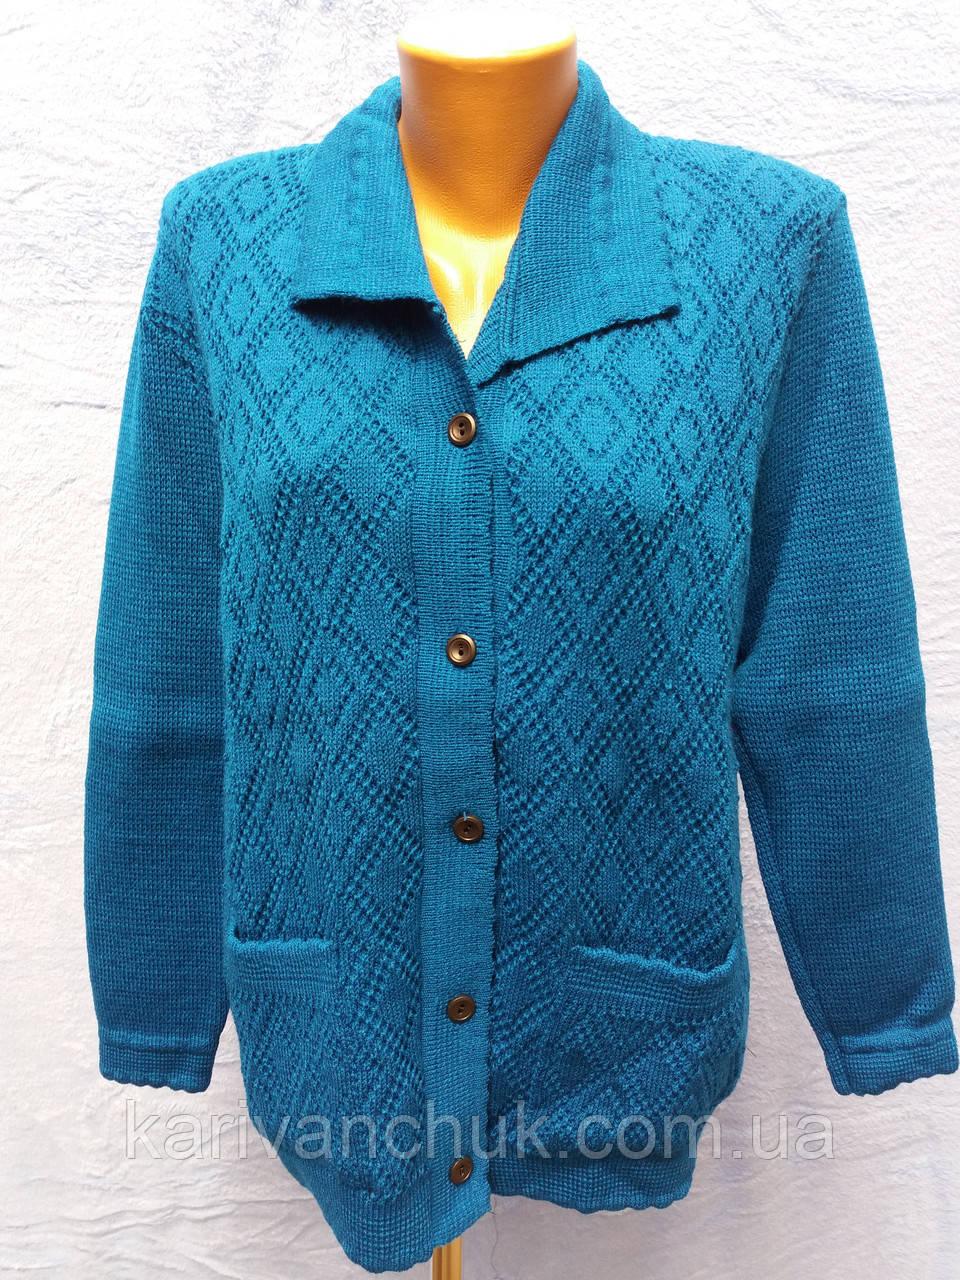 кофты женские вязаные продажа цена в хмельницком свитеры и